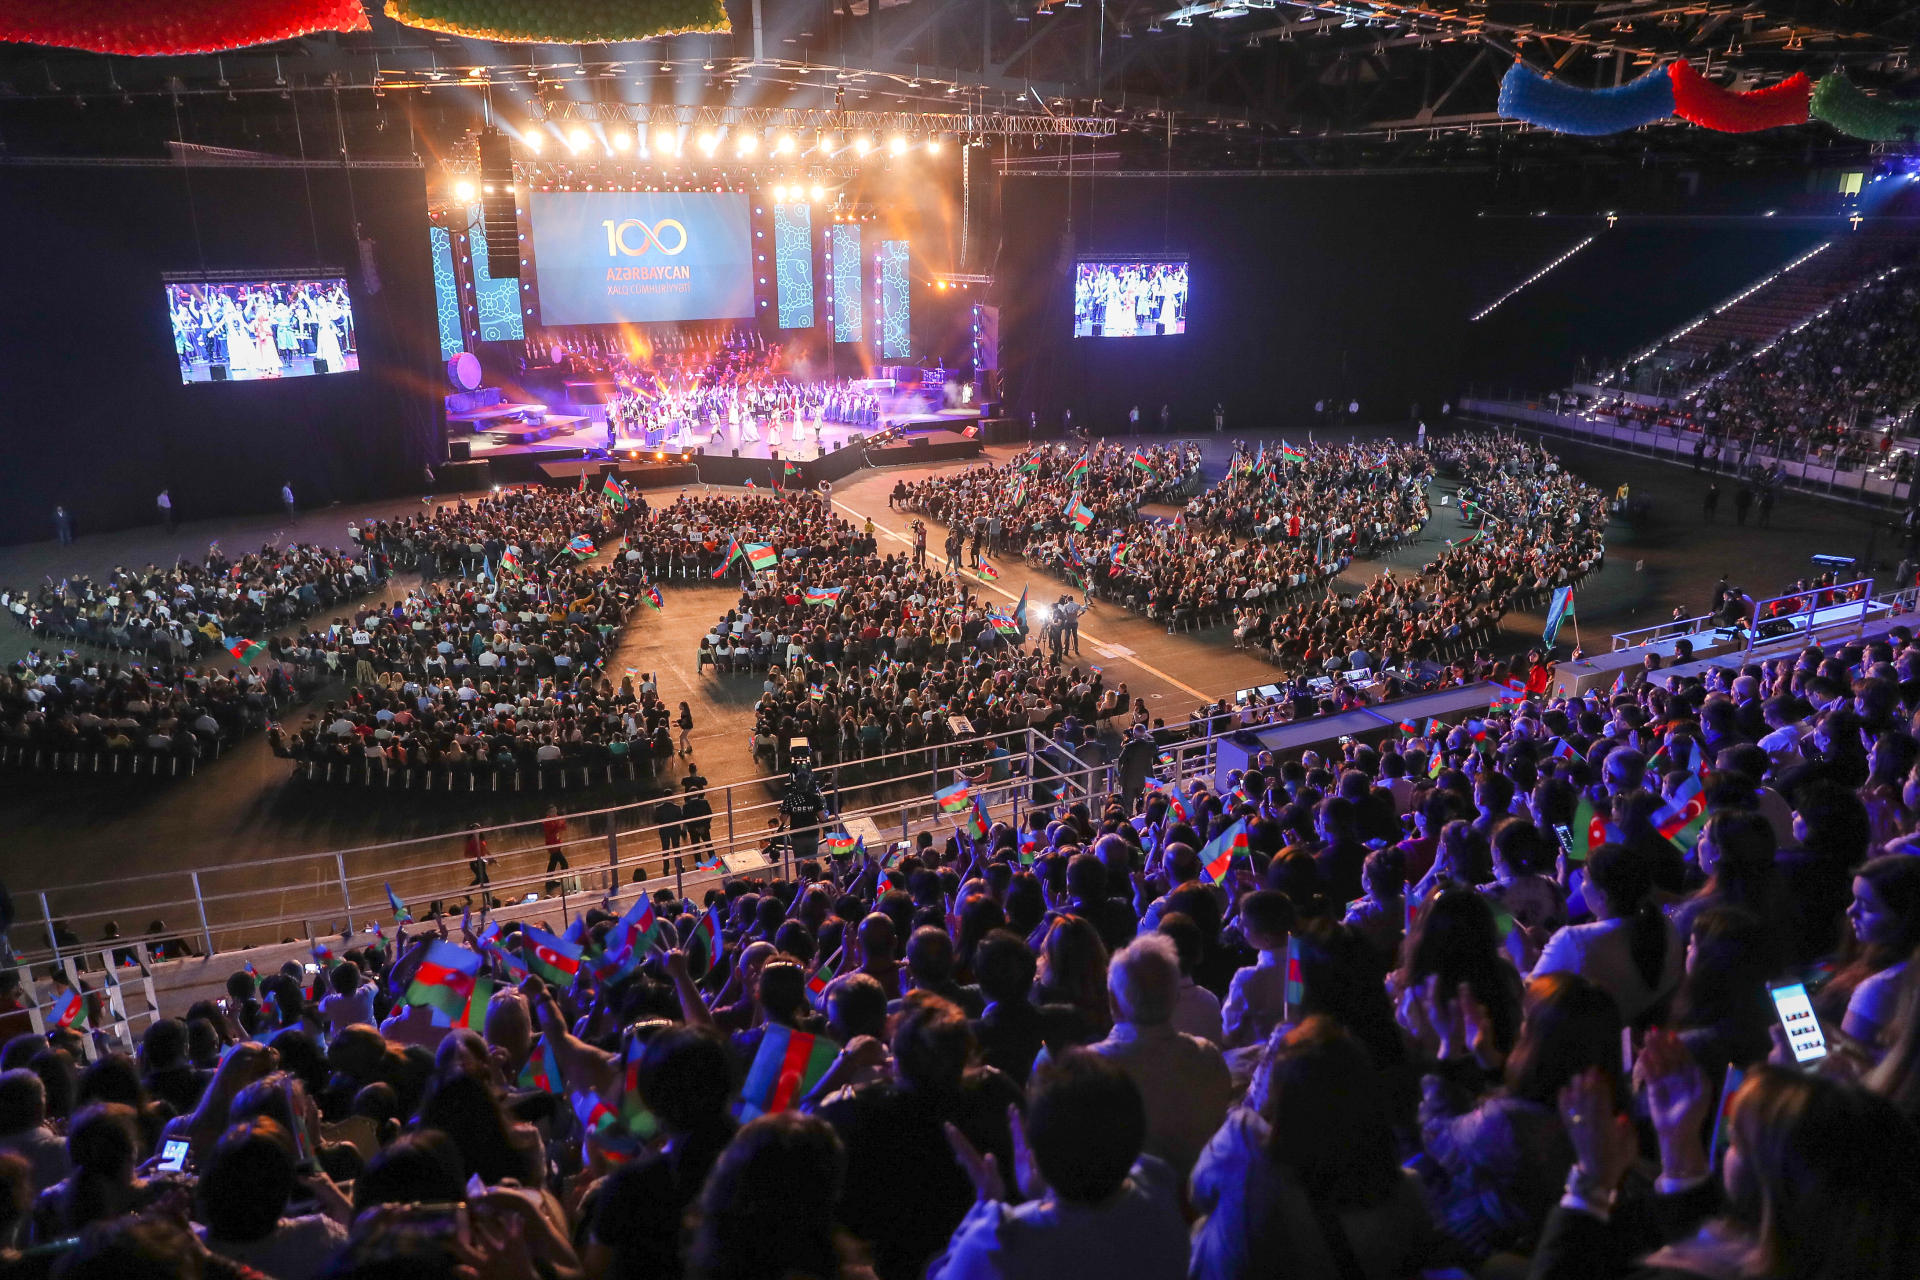 Azərbaycan Xalq Cümhuriyyətinin 100 illiyinə həsr olunan konsertdən fotosessiya - Gallery Image